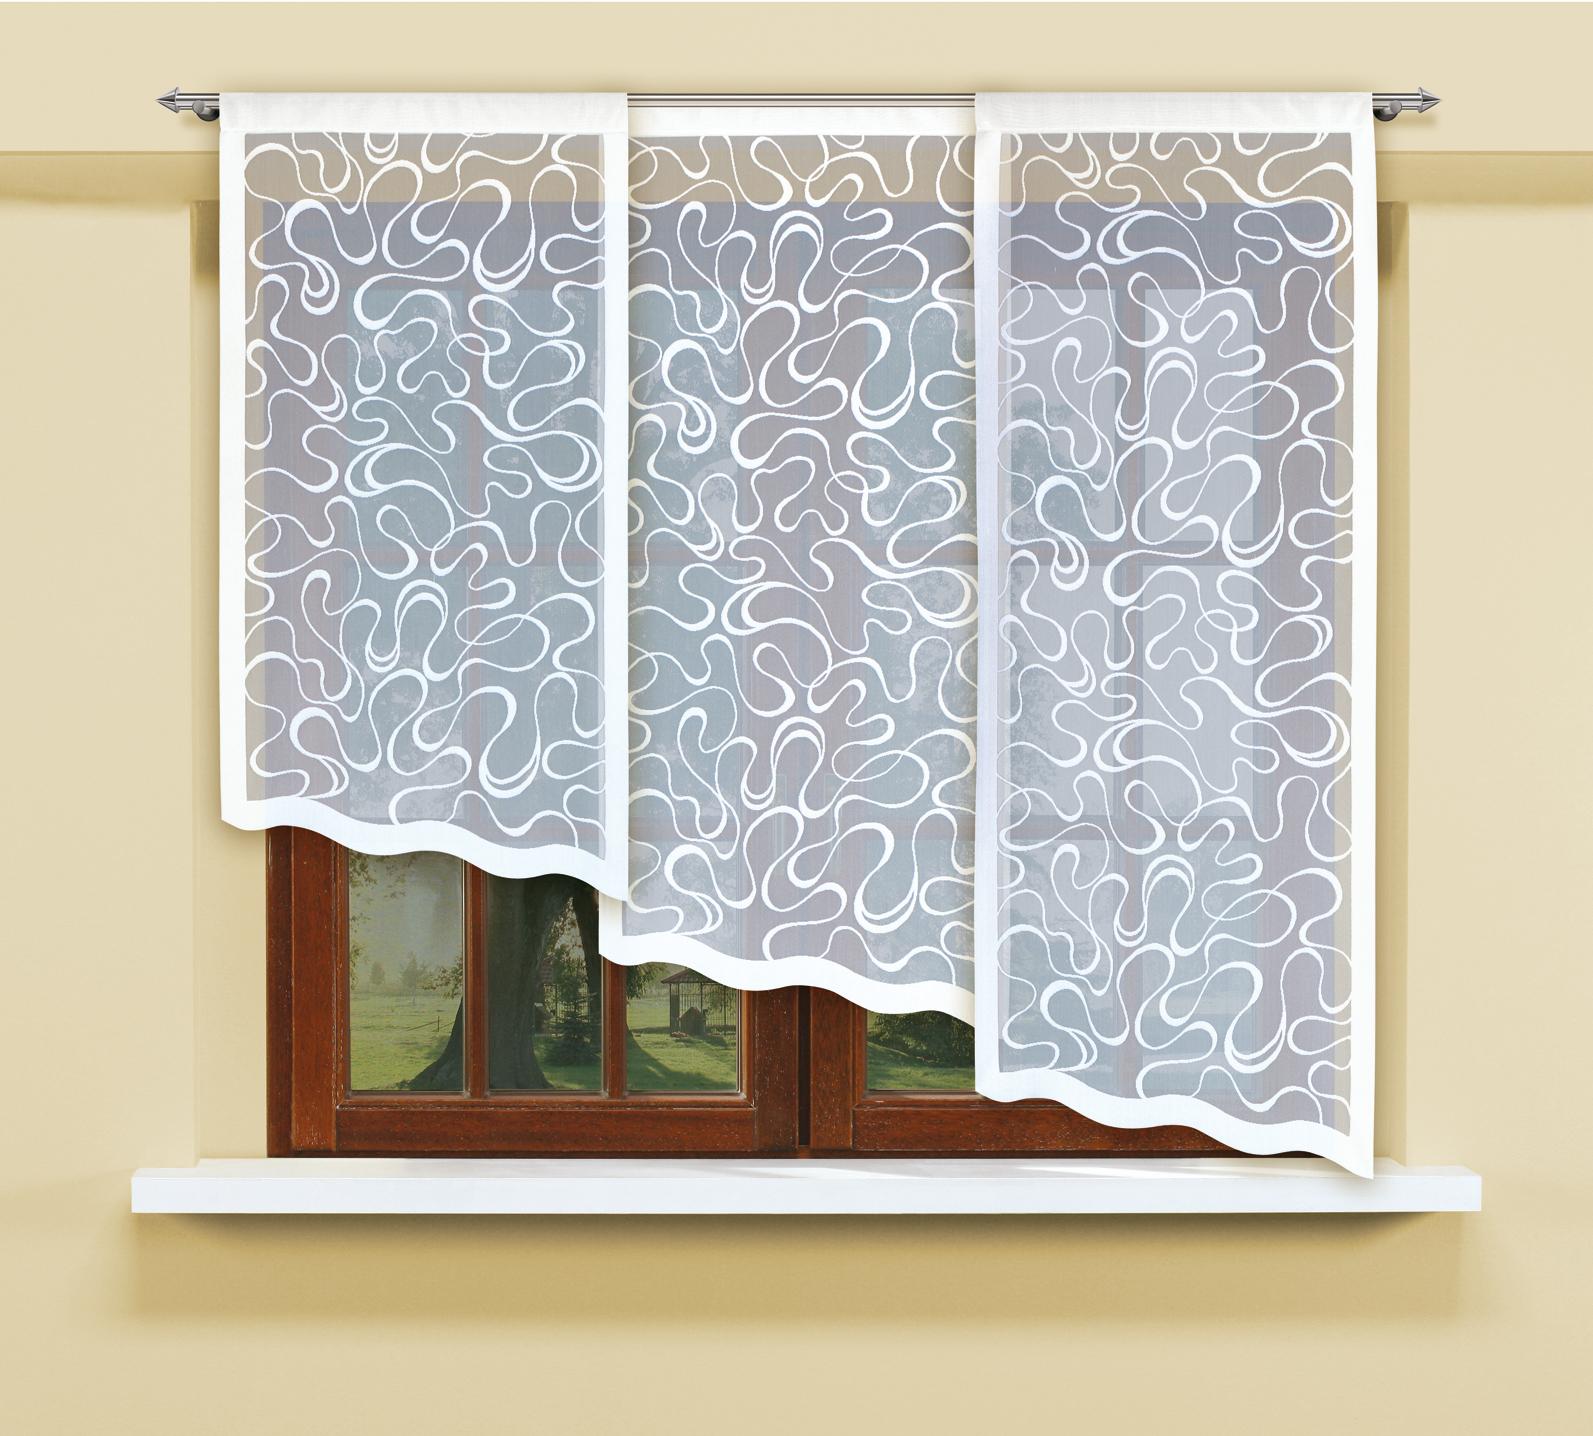 Комплект гардин Haft, на кулиске, цвет: белый, 3 шт. 207750207750/160Воздушные гардины Haft великолепно украсят любое окно. Комплект состоит из трех гардин, выполненных из полиэстера.Изделие имеет оригинальный дизайн и органично впишется в интерьер помещения.Комплект крепится на карниз при помощи кулиски.Размеры гардин: 160 х 60 см; 140 х 60 см; 120 х 60 см.